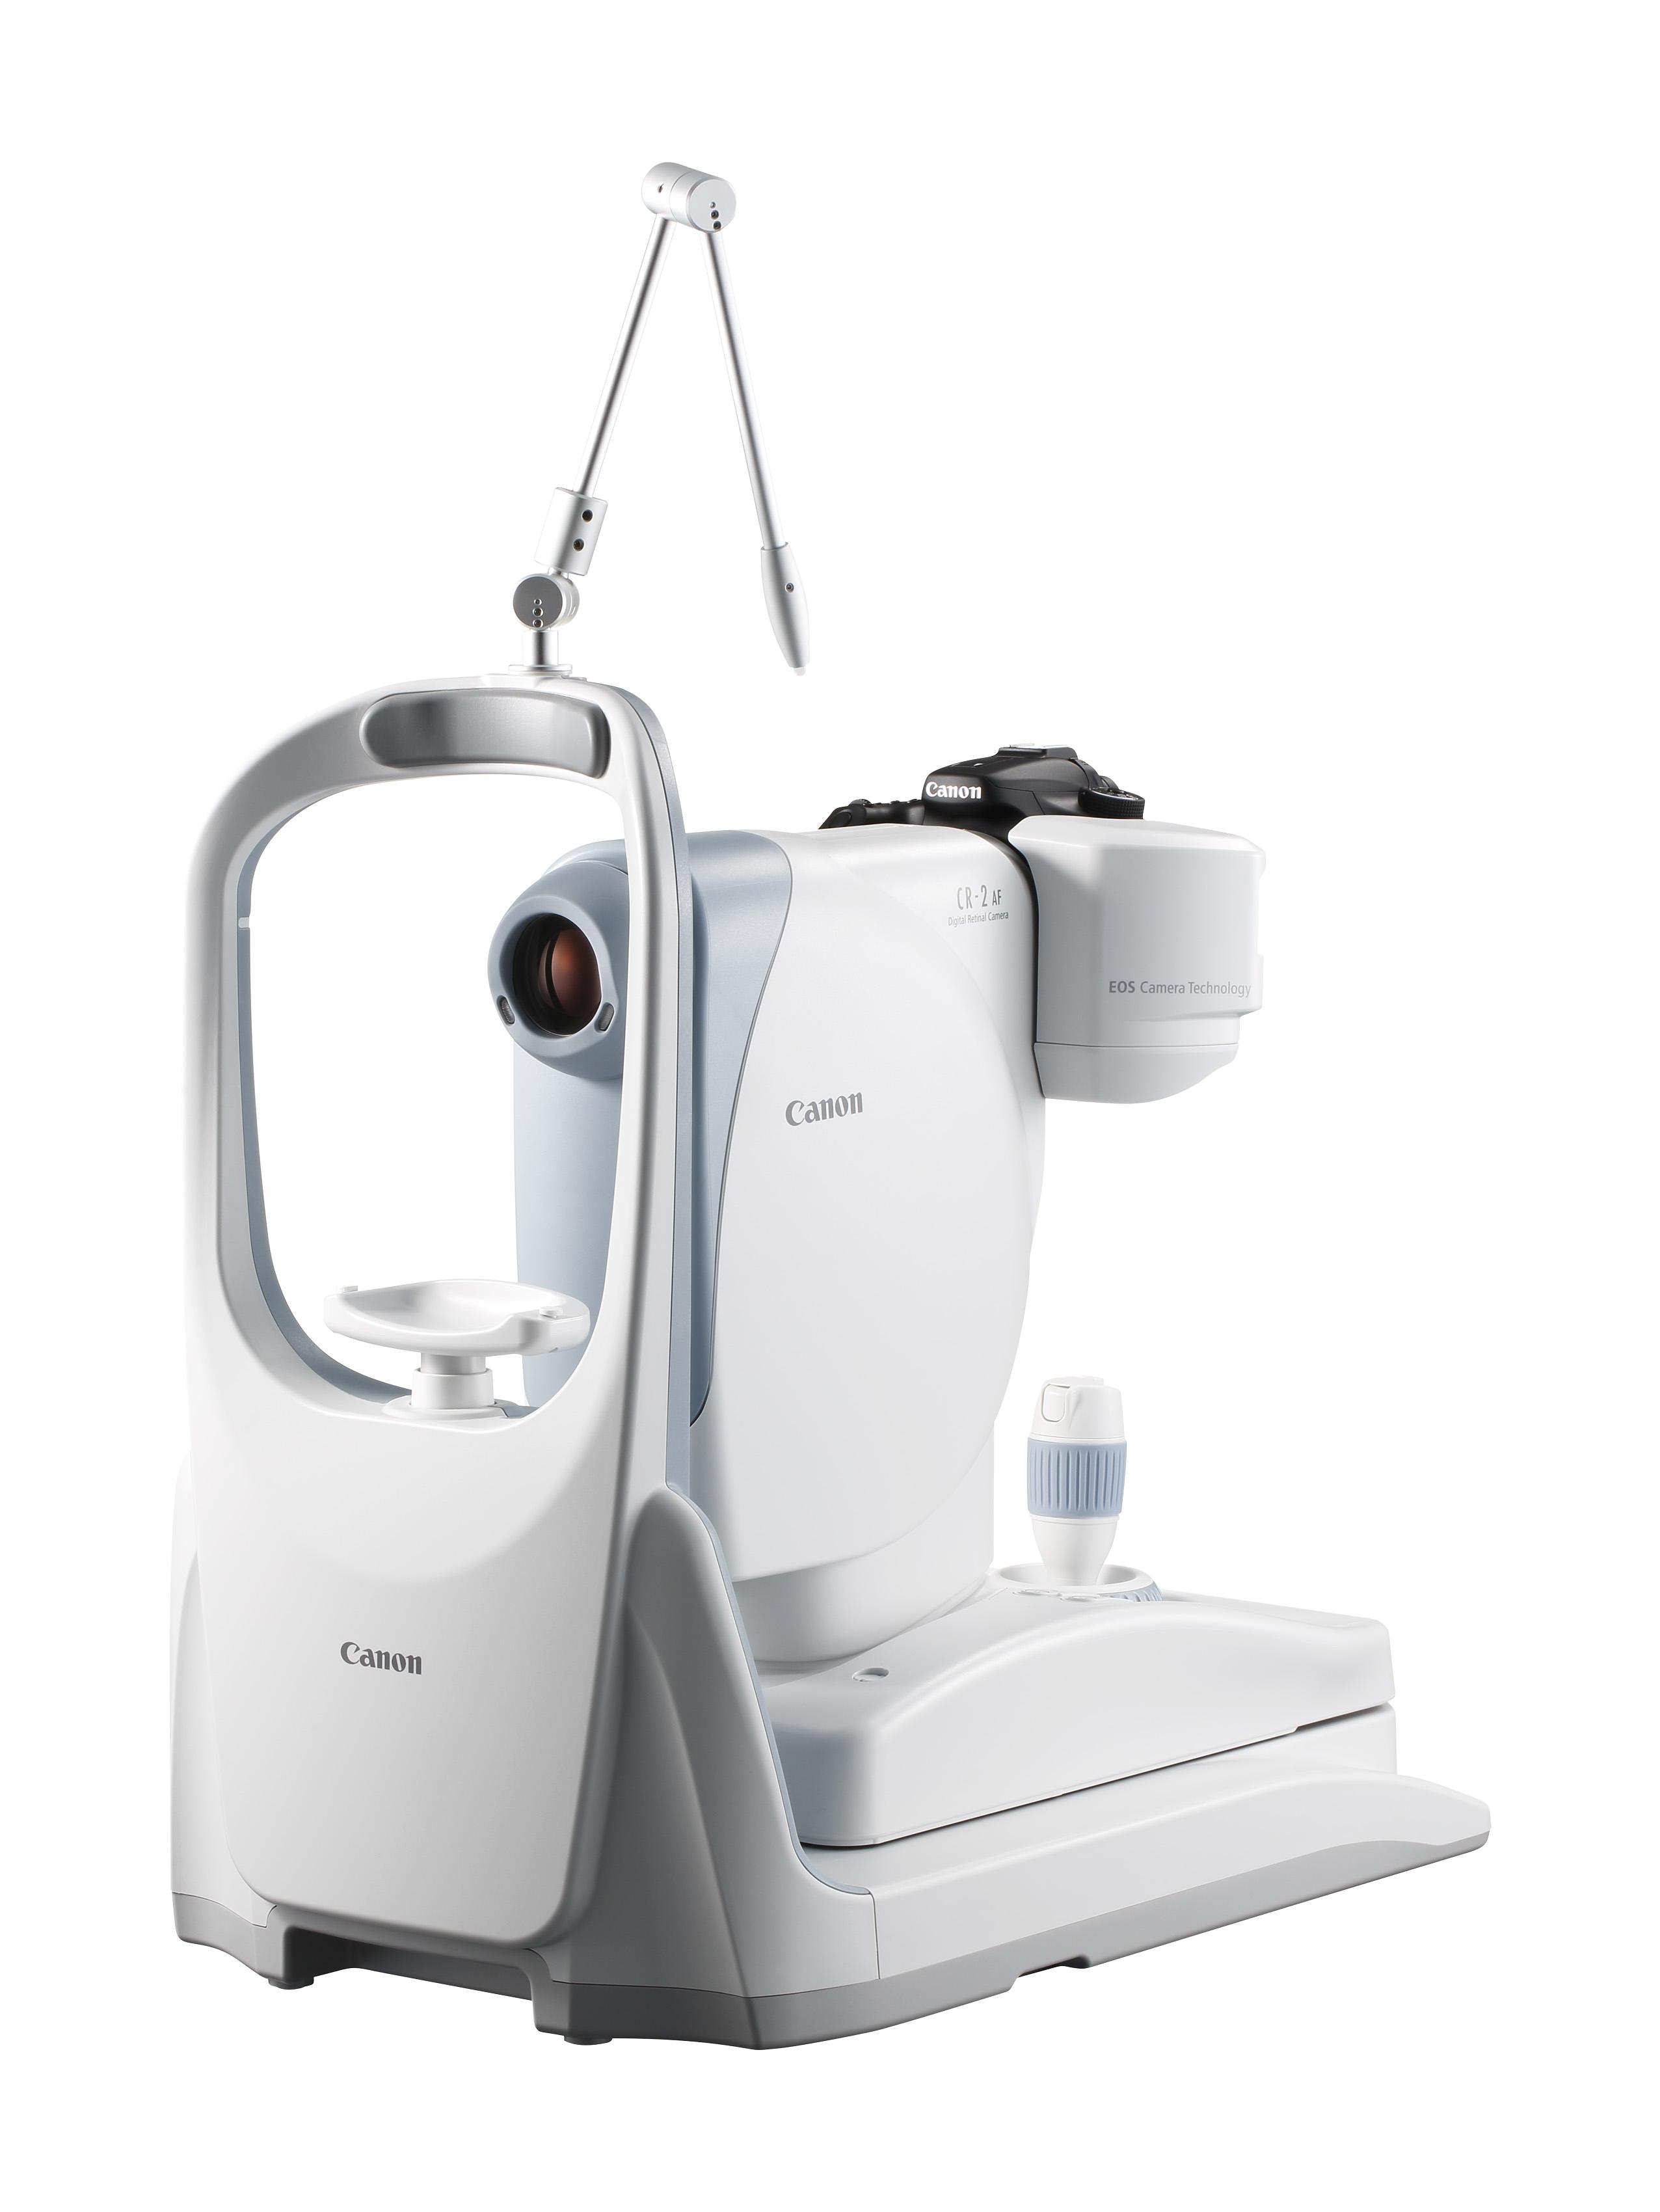 佳能医疗提供优质设备,助力中国糖尿病患者远离糖尿病眼底病变